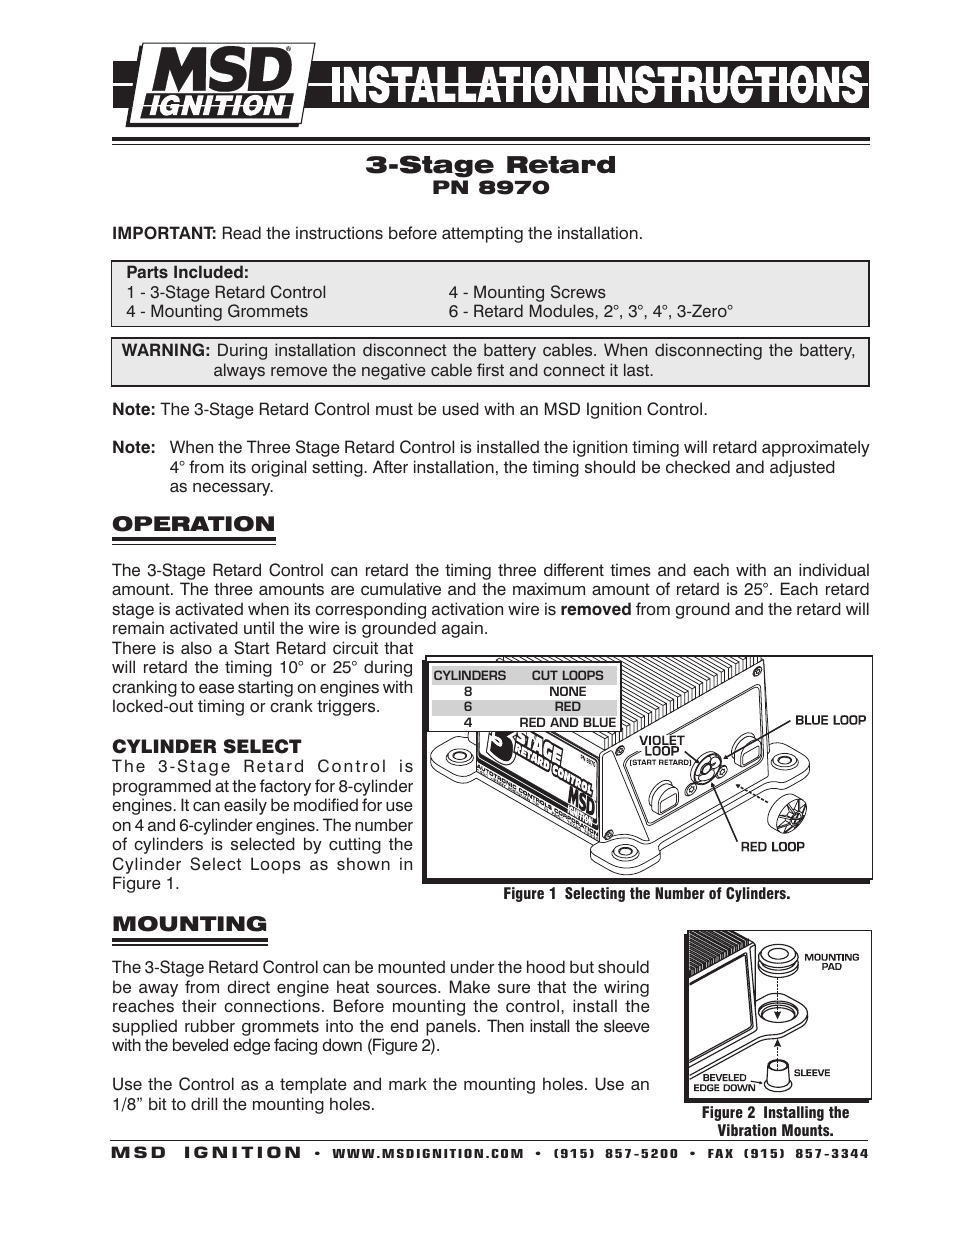 medium resolution of wiring diagram msd start retard